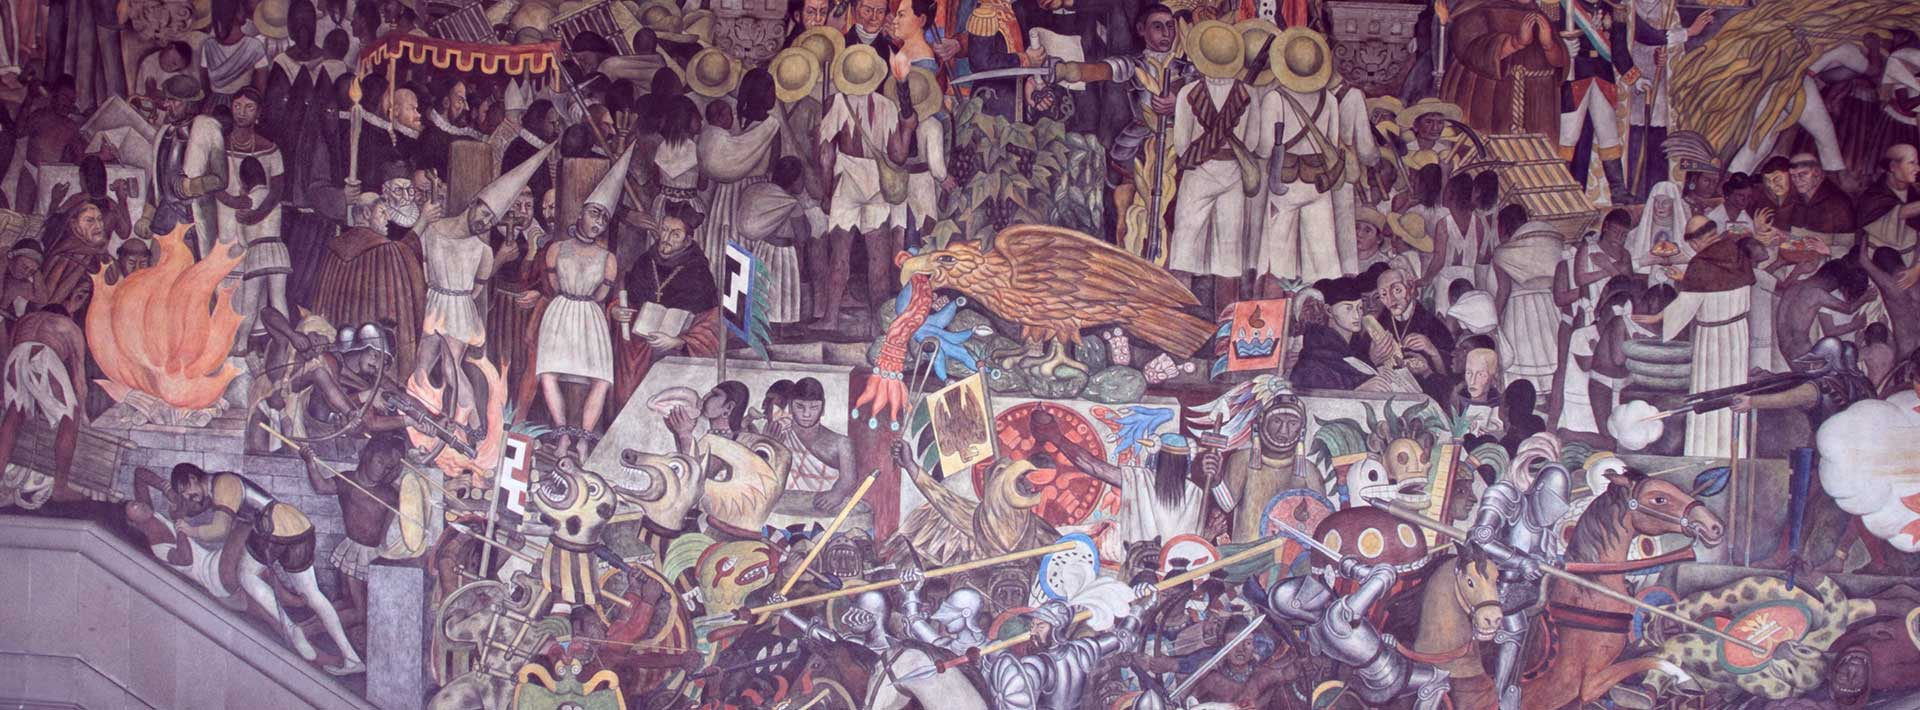 Diversidad cultural y pluralismo epistemológico en la Conquista de América